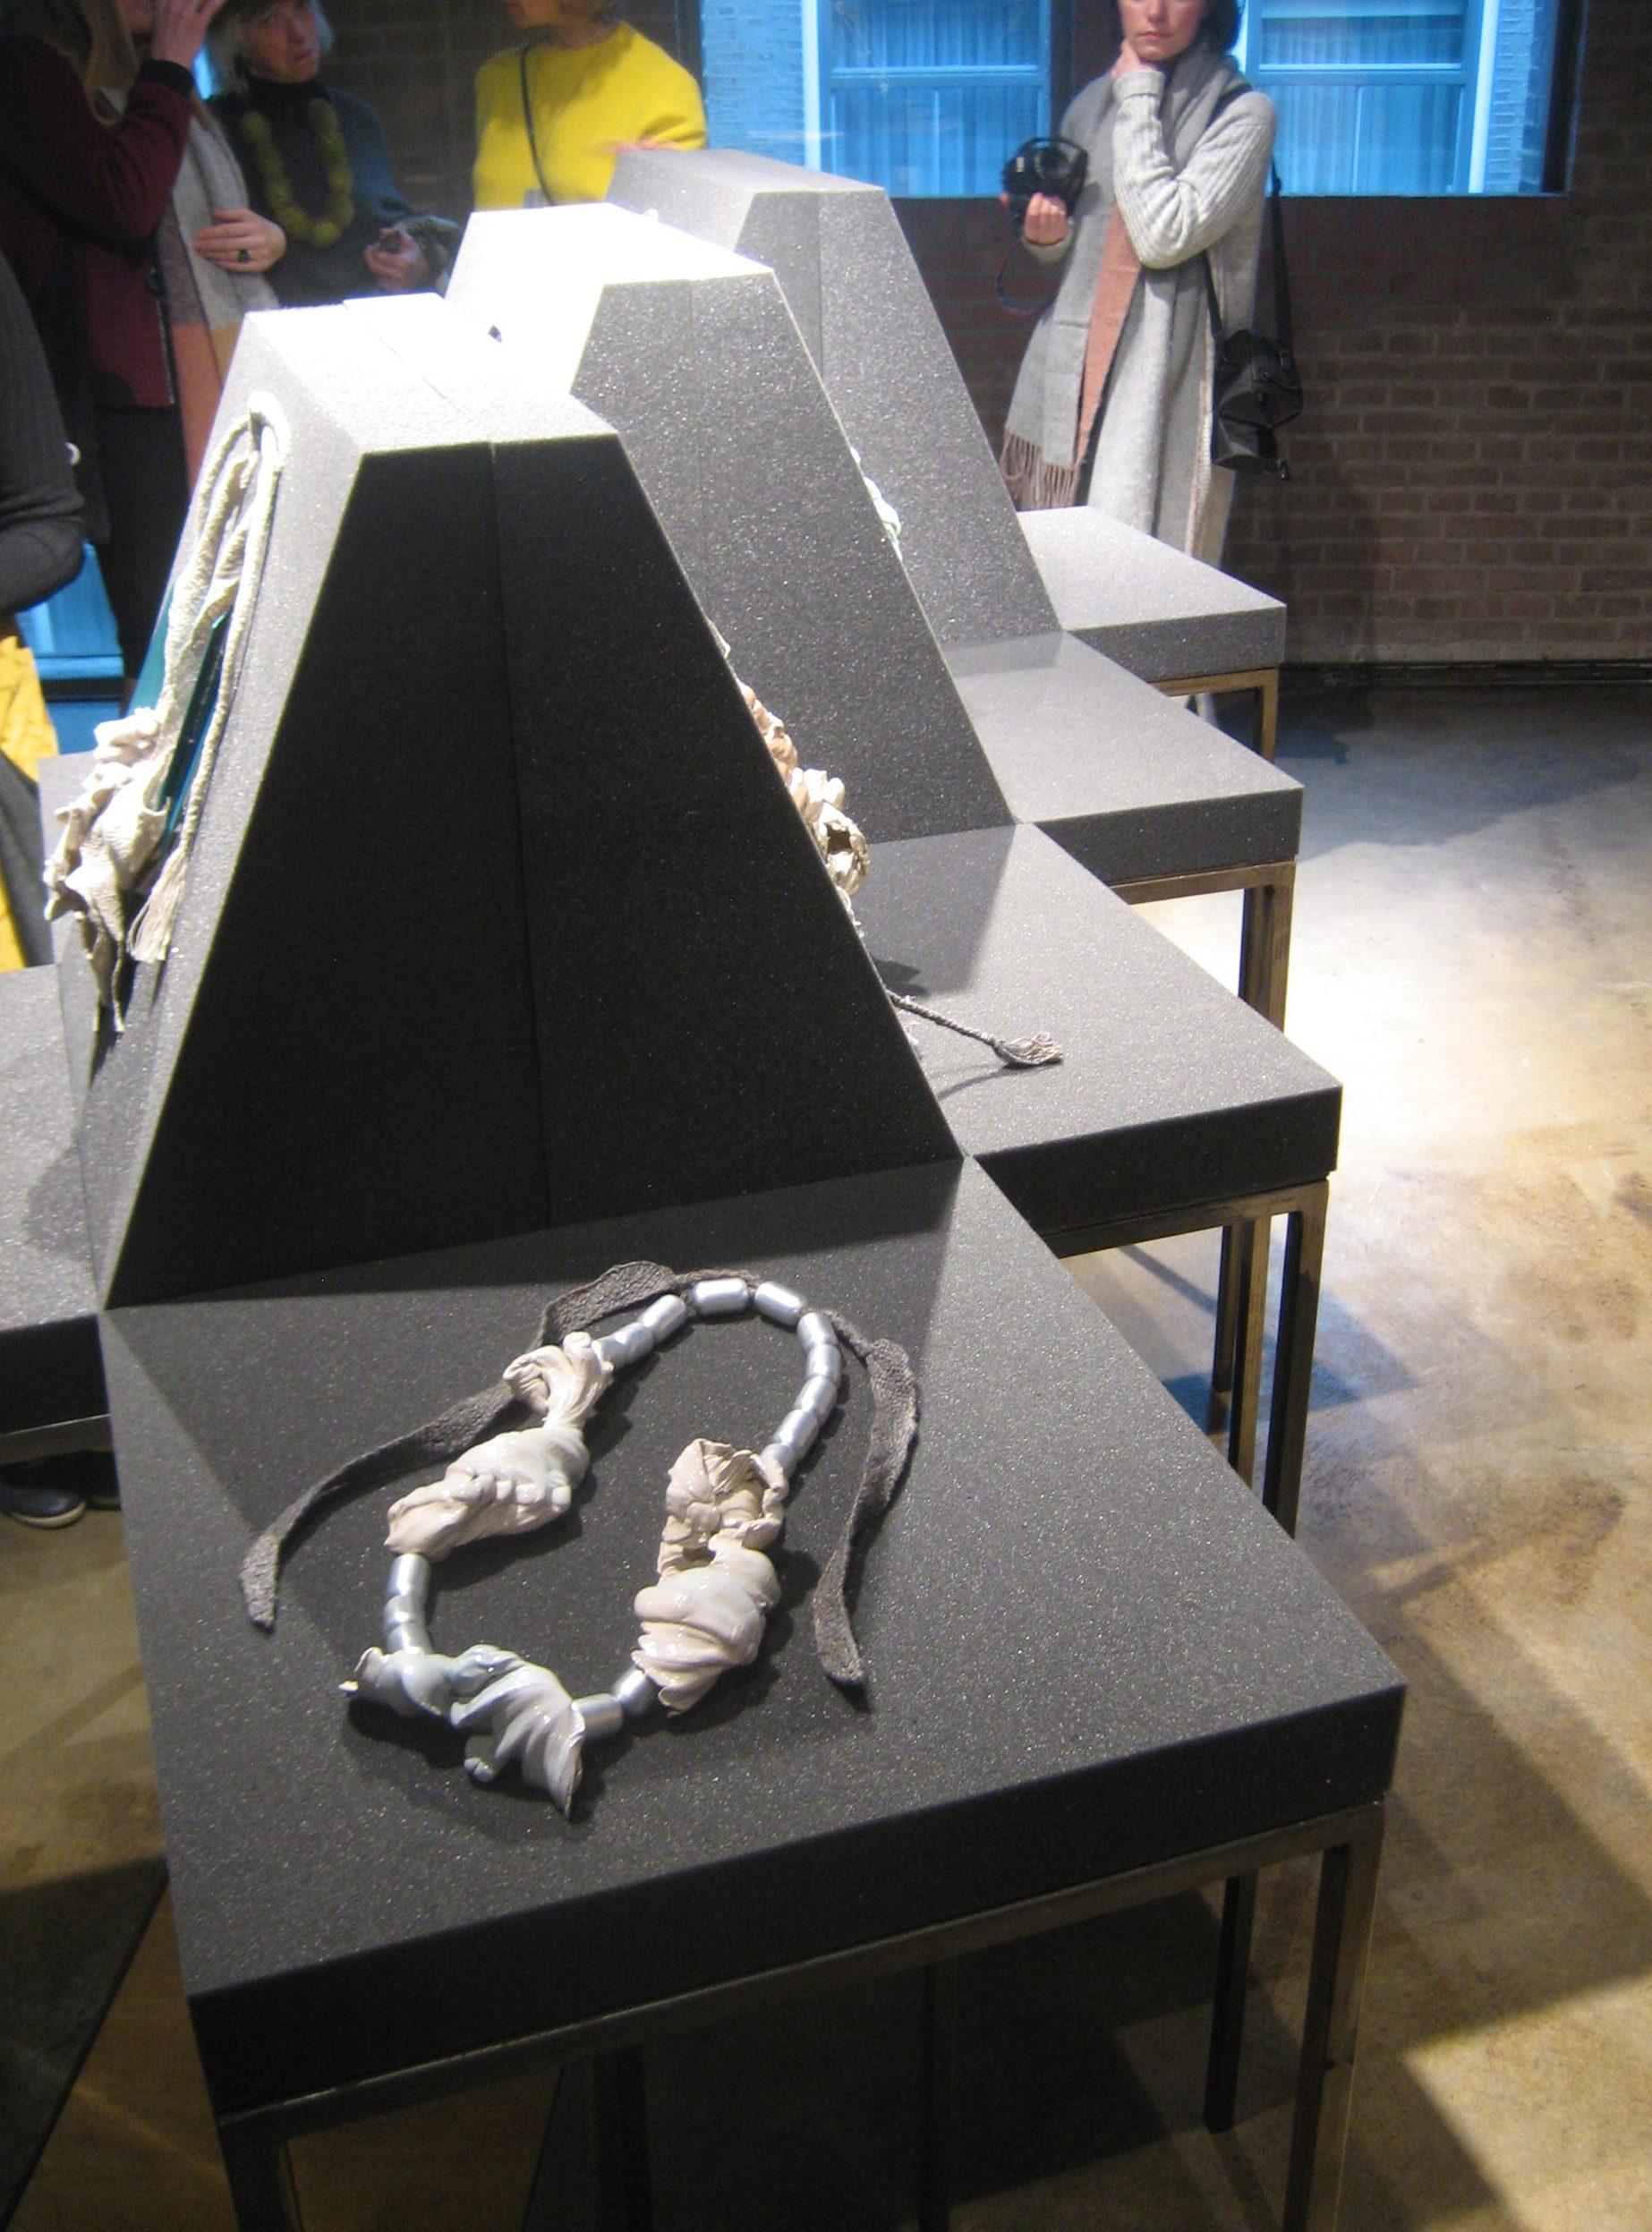 Ineke Heerkens in Galerie Marzee, januari 2018, textiel, keramiek, tentoonstelling